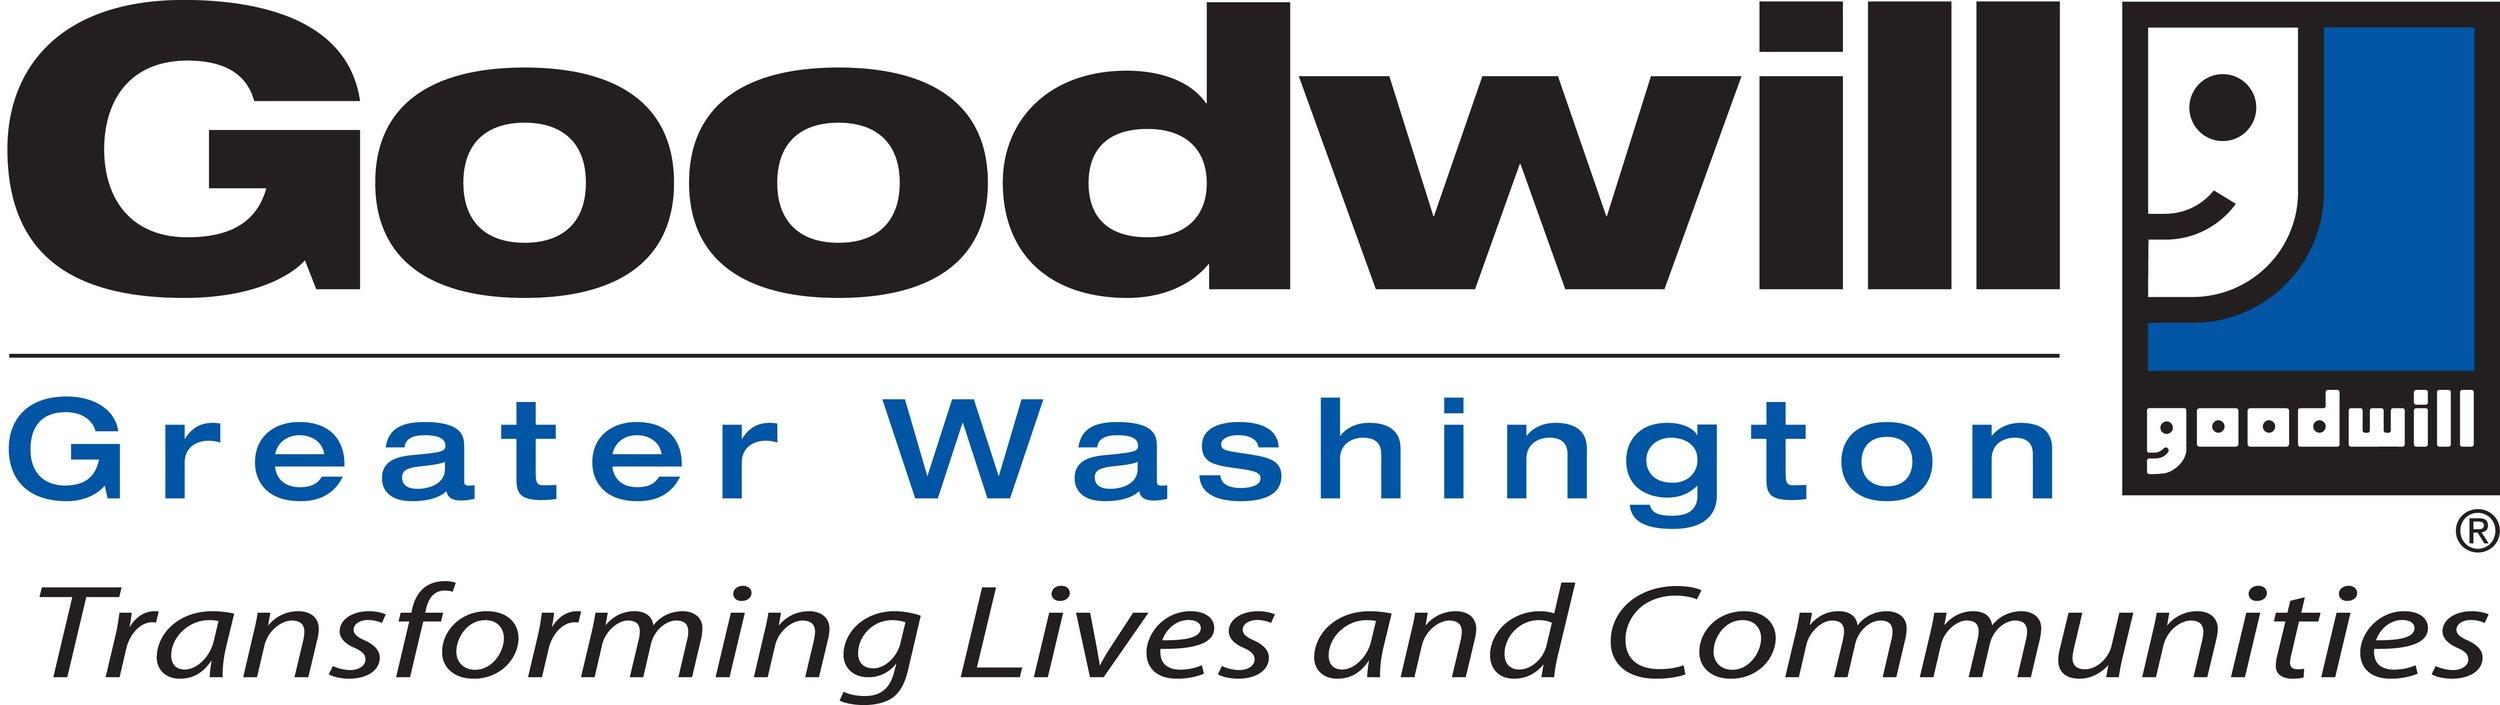 goodwill_greater_washington_logo.jpeg